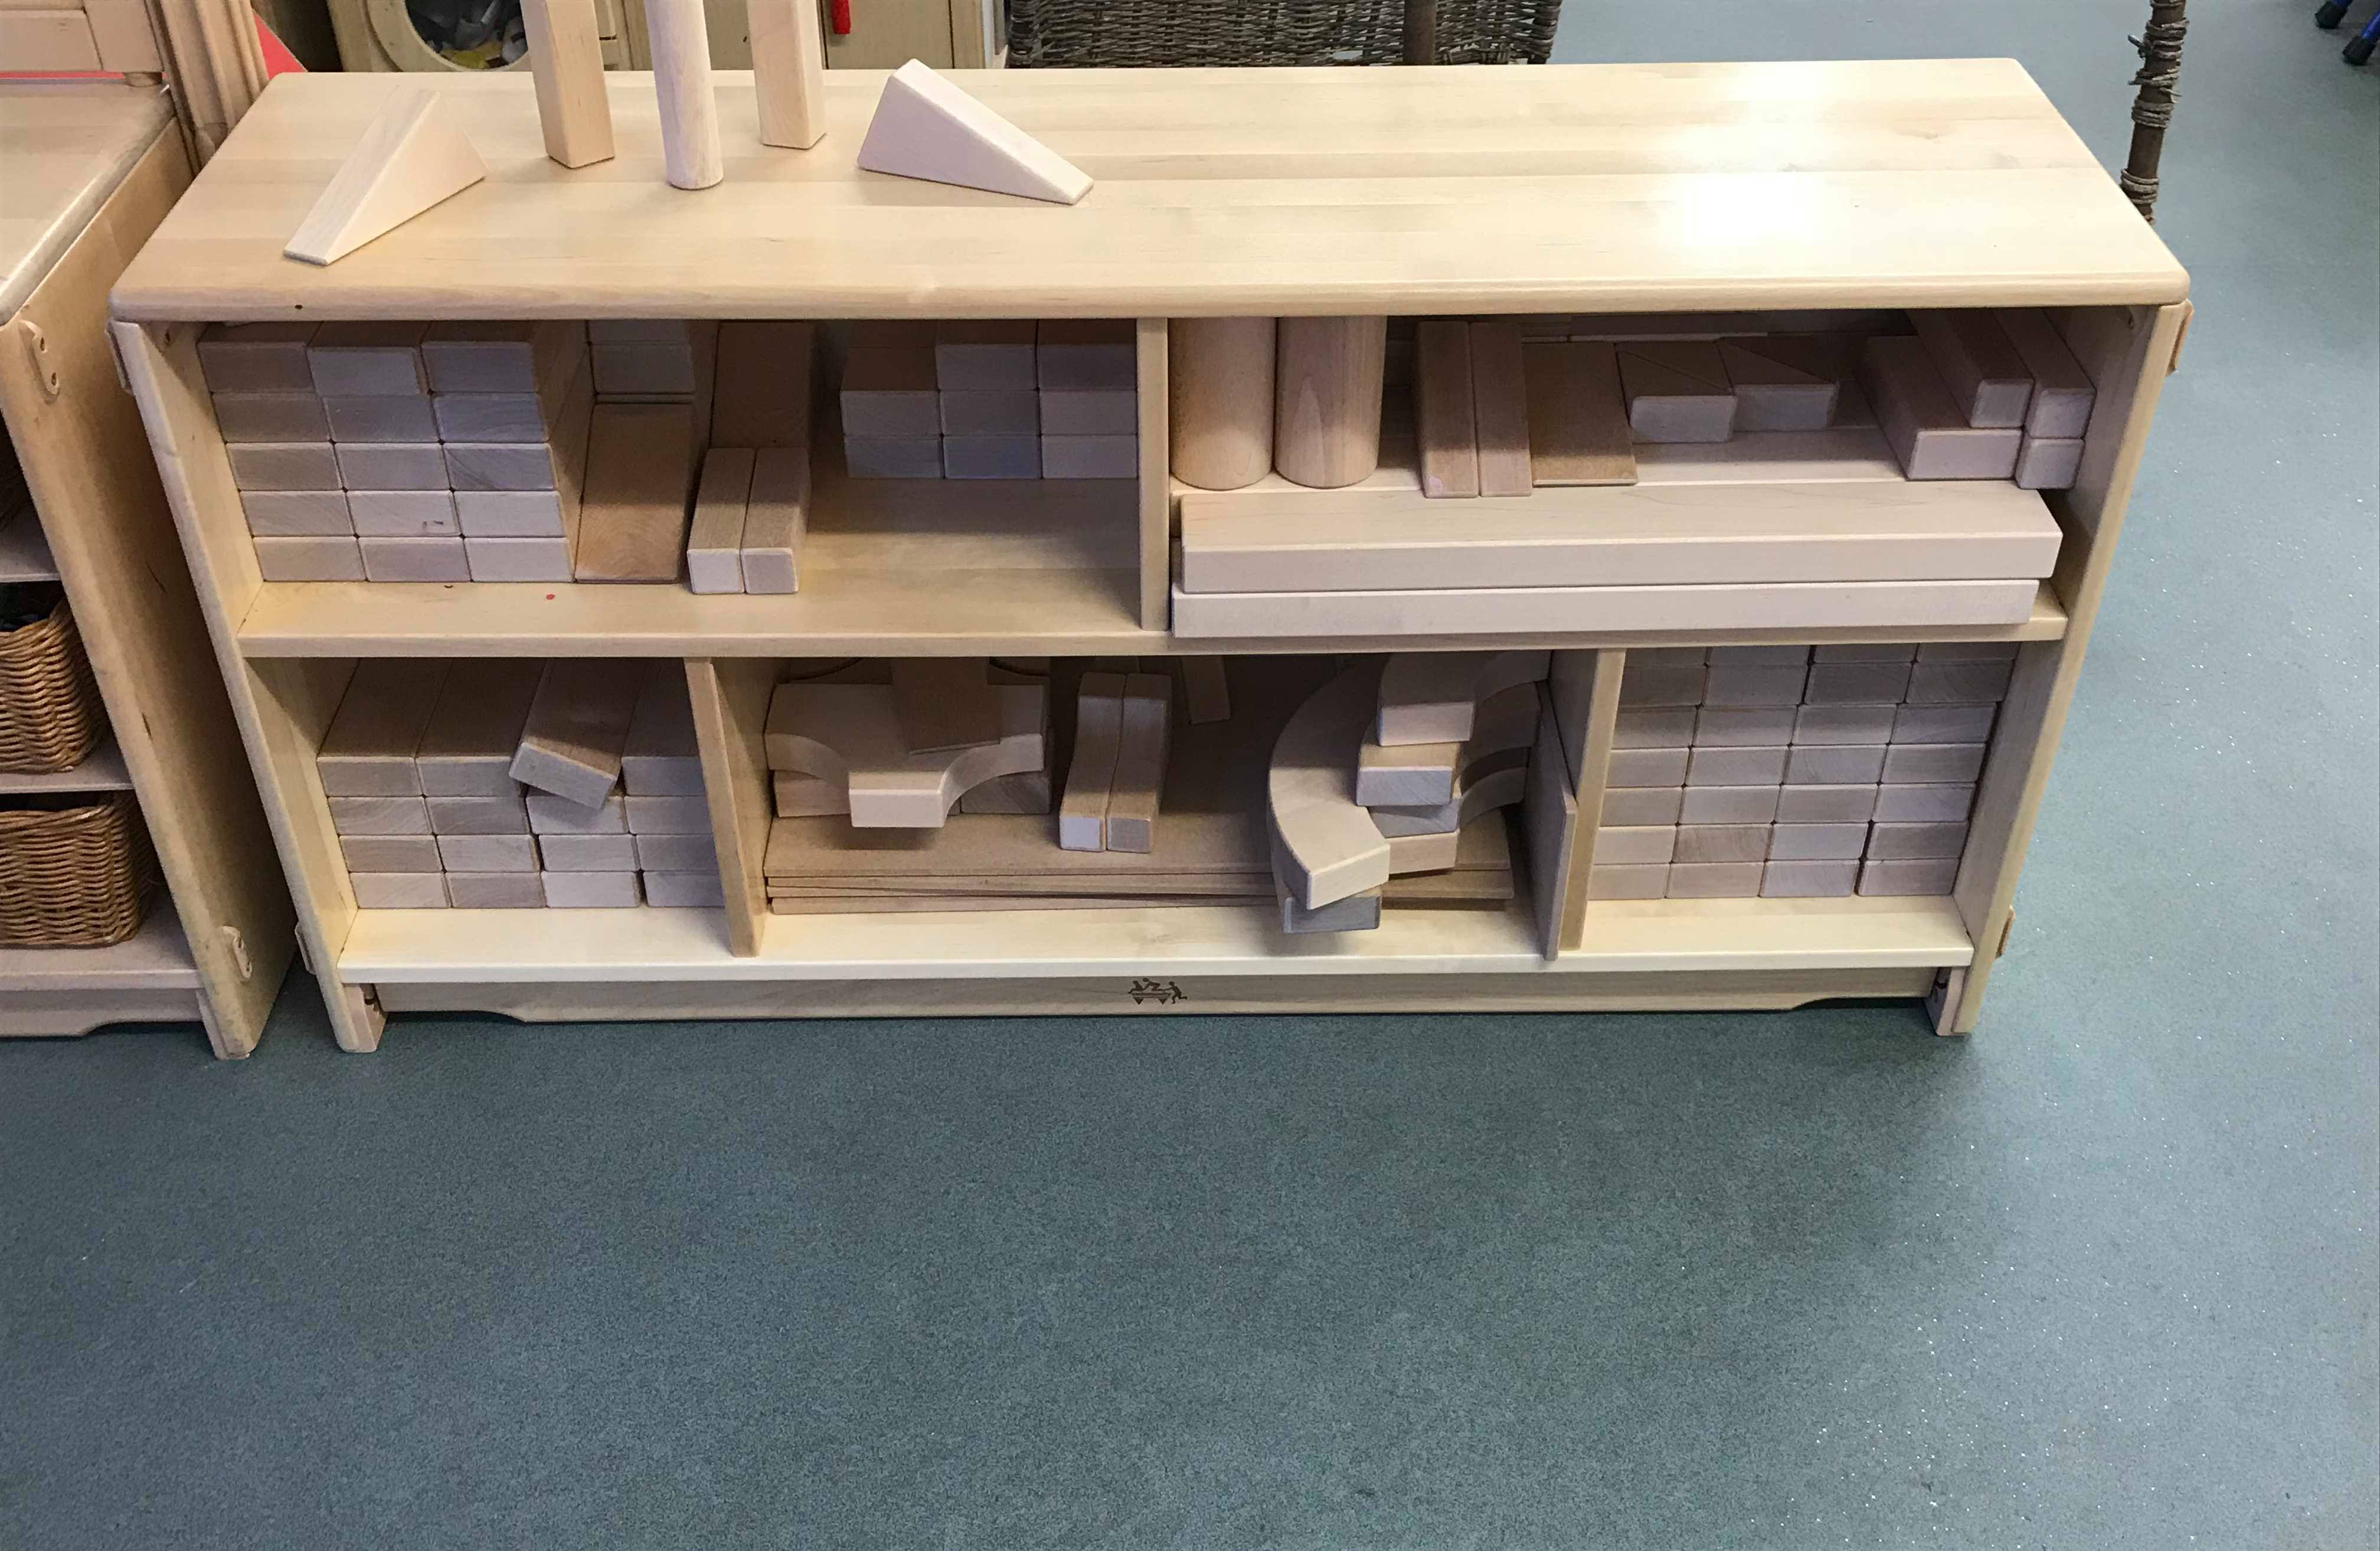 construction-blocks.jpg